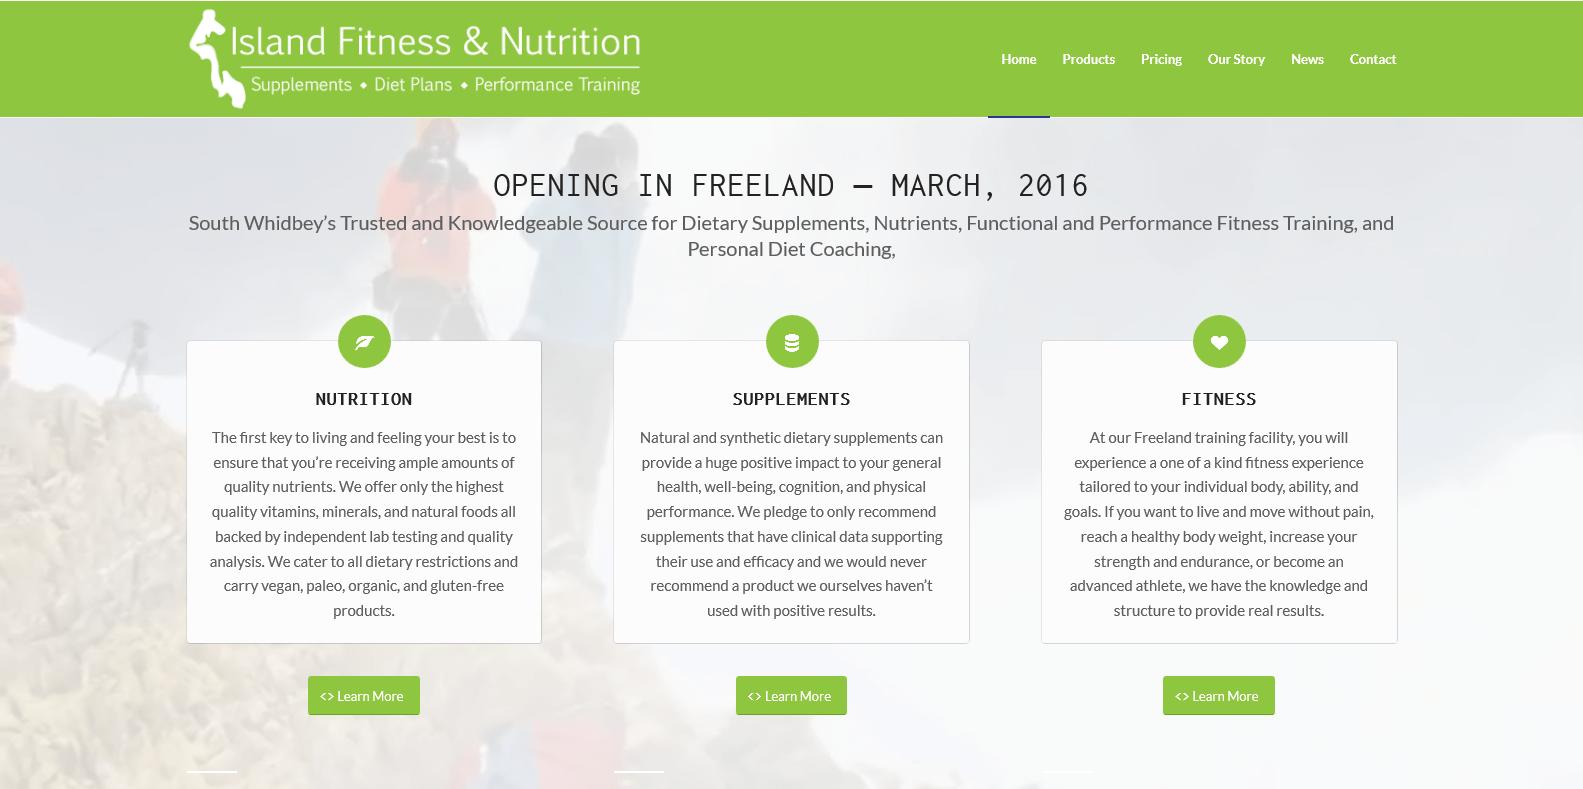 Islandfitnessnutrition.com